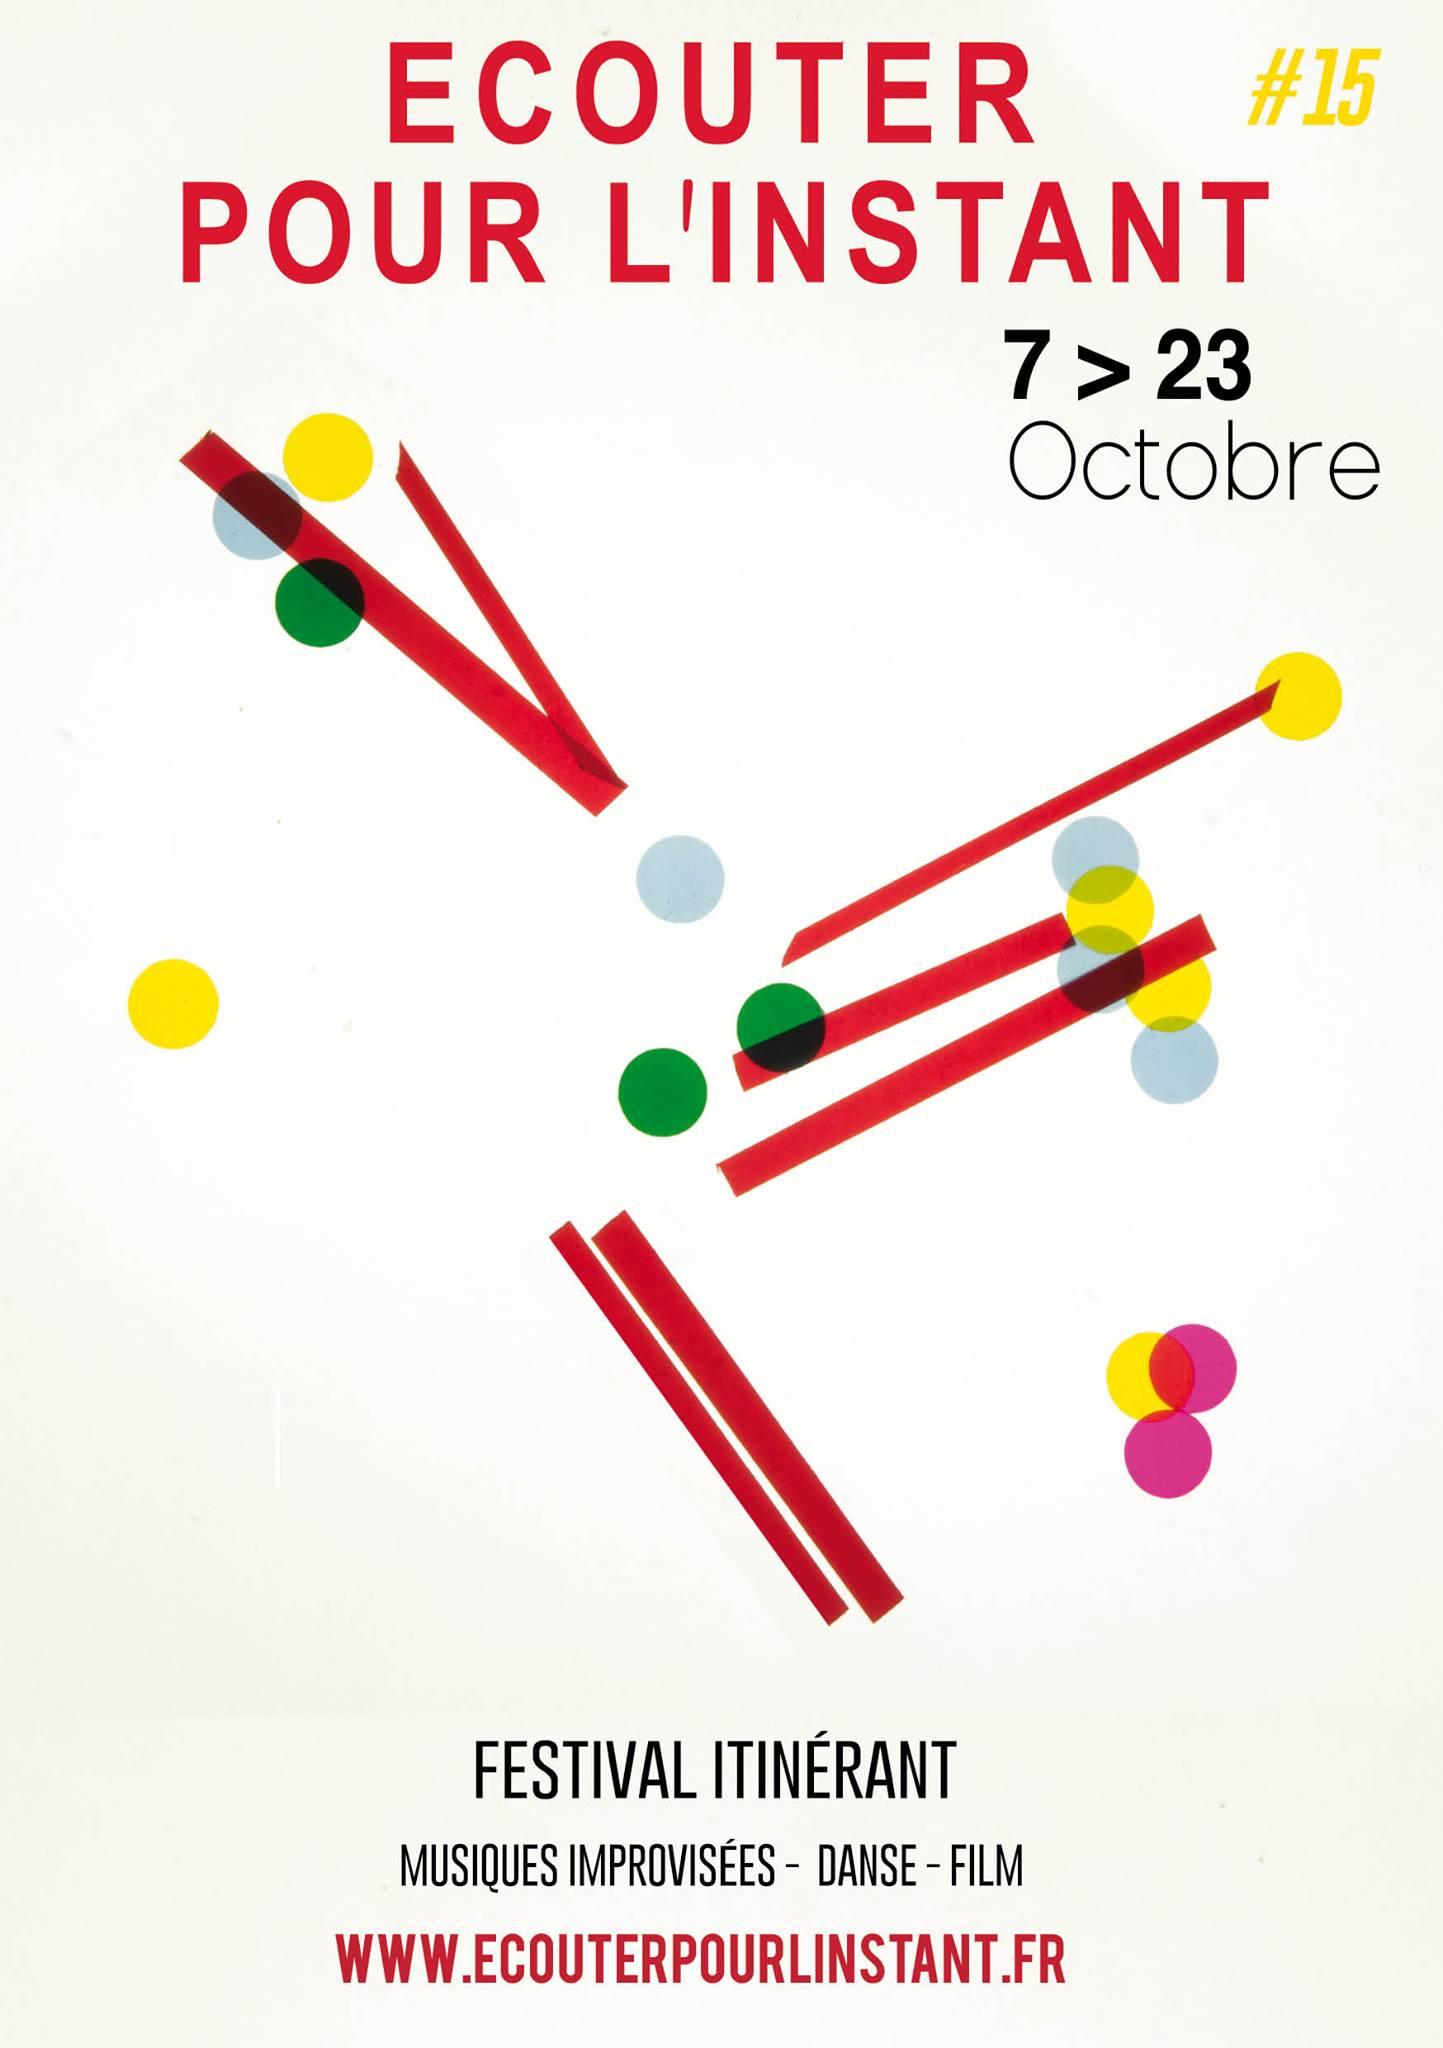 Best of Bergerac Agenda Festival Musique Ecouter Pour l'Instant